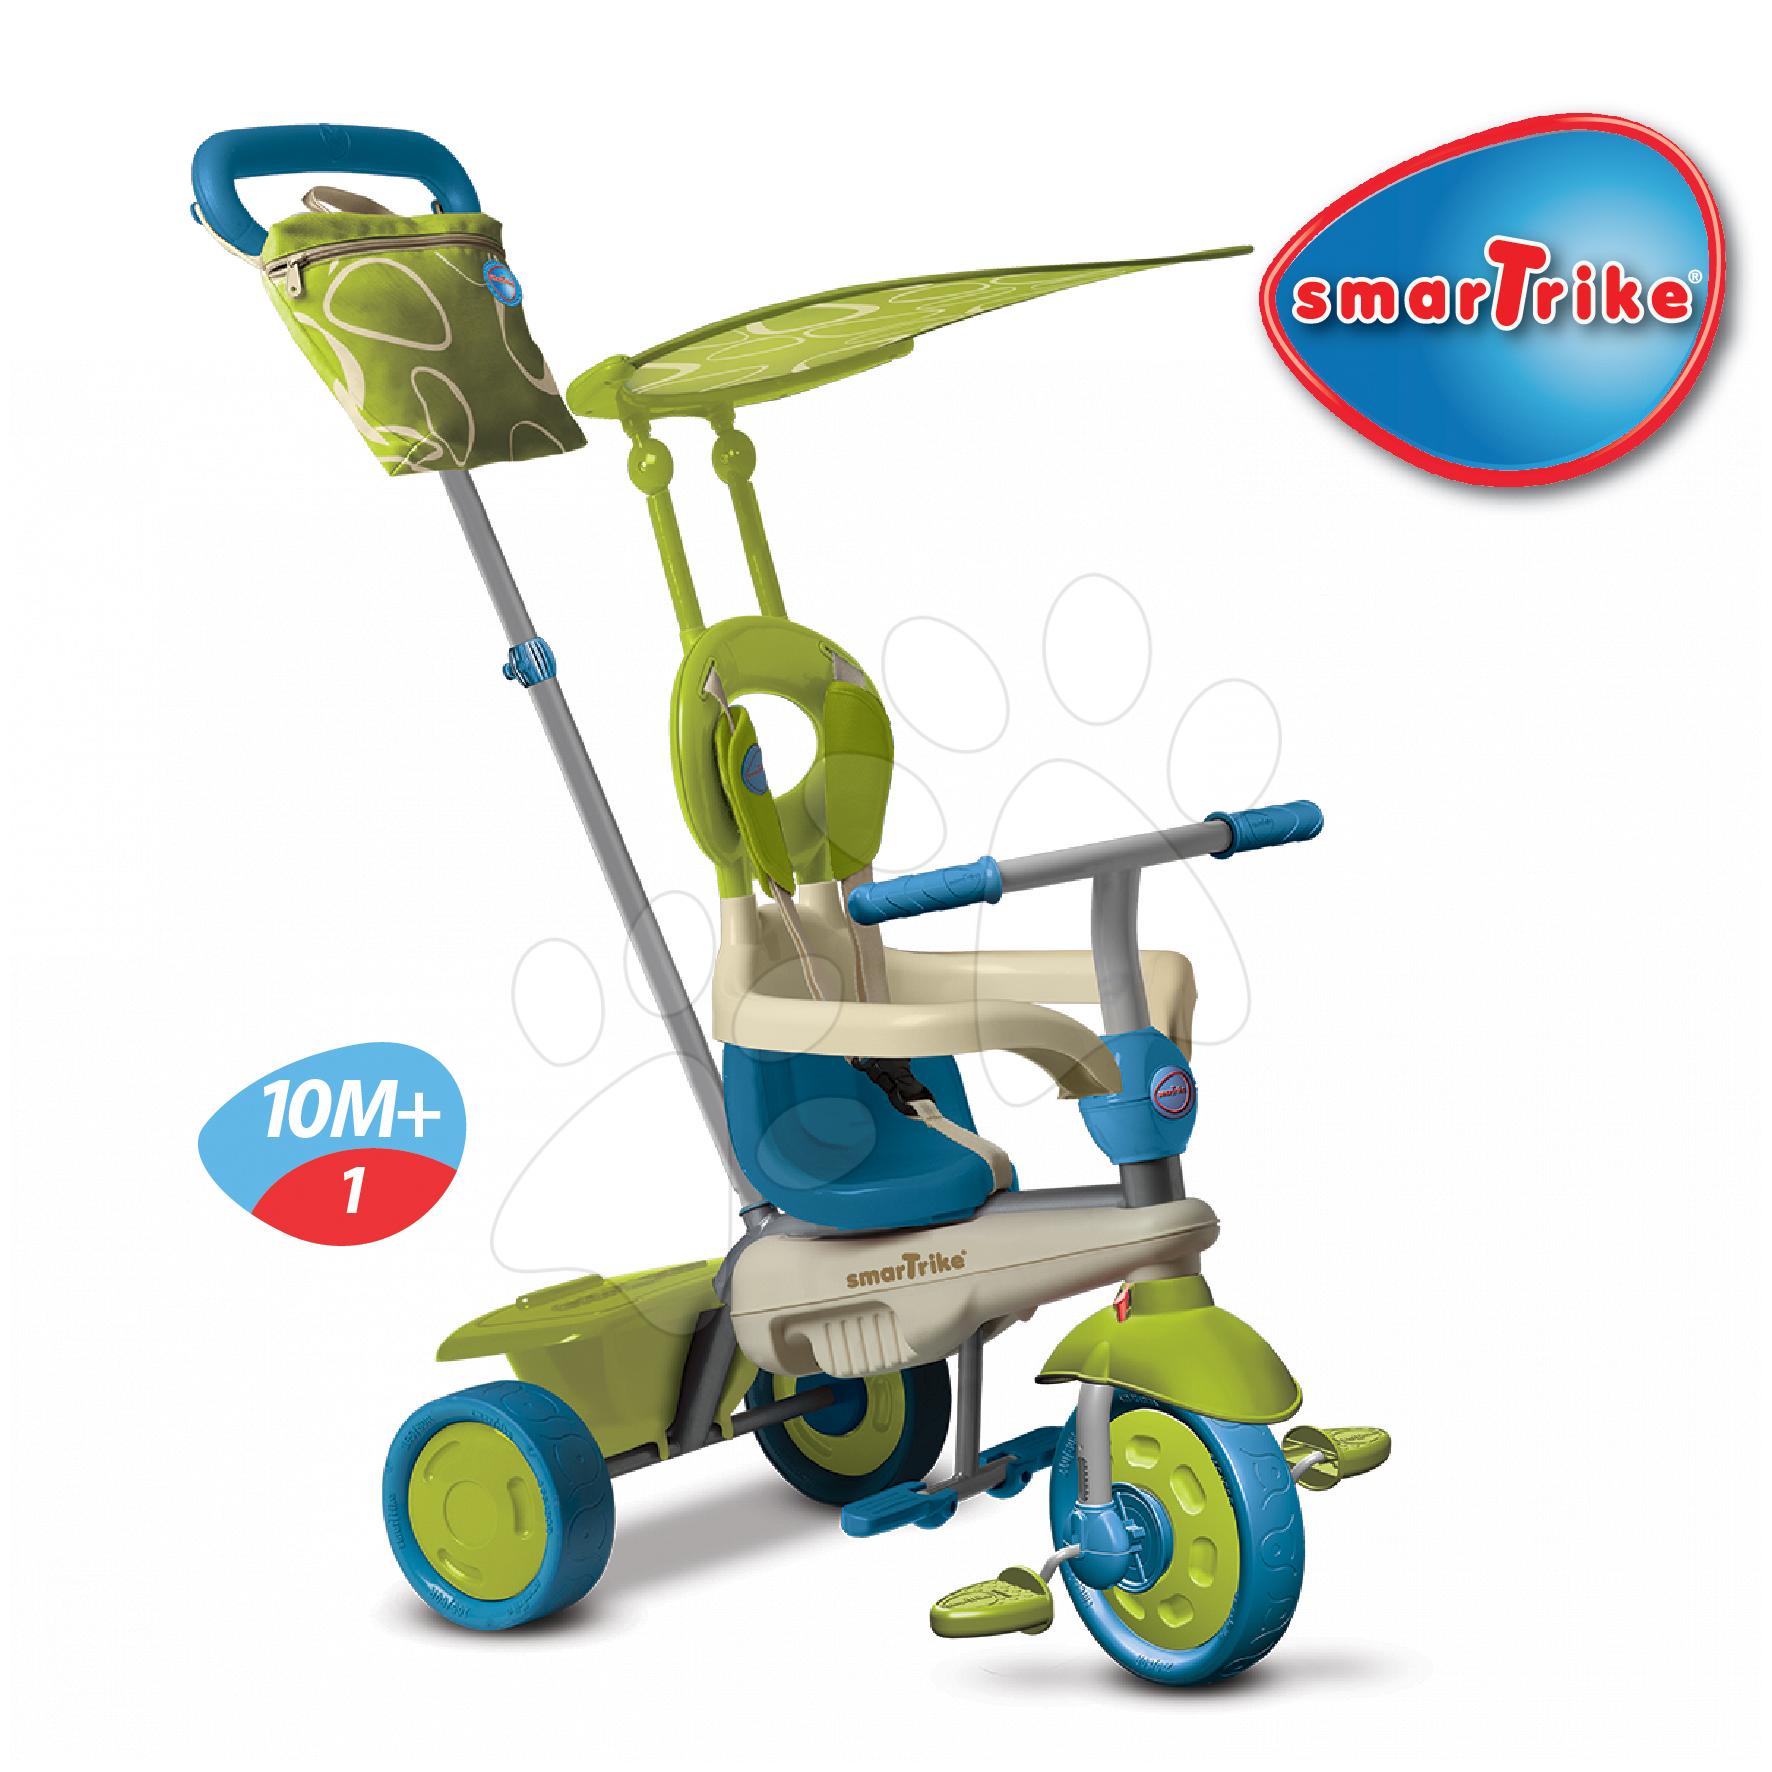 Trojkolky od 10 mesiacov - Trojkolka Vanilla Touch Steering smarTrike zeleno-modrá od 10 mes